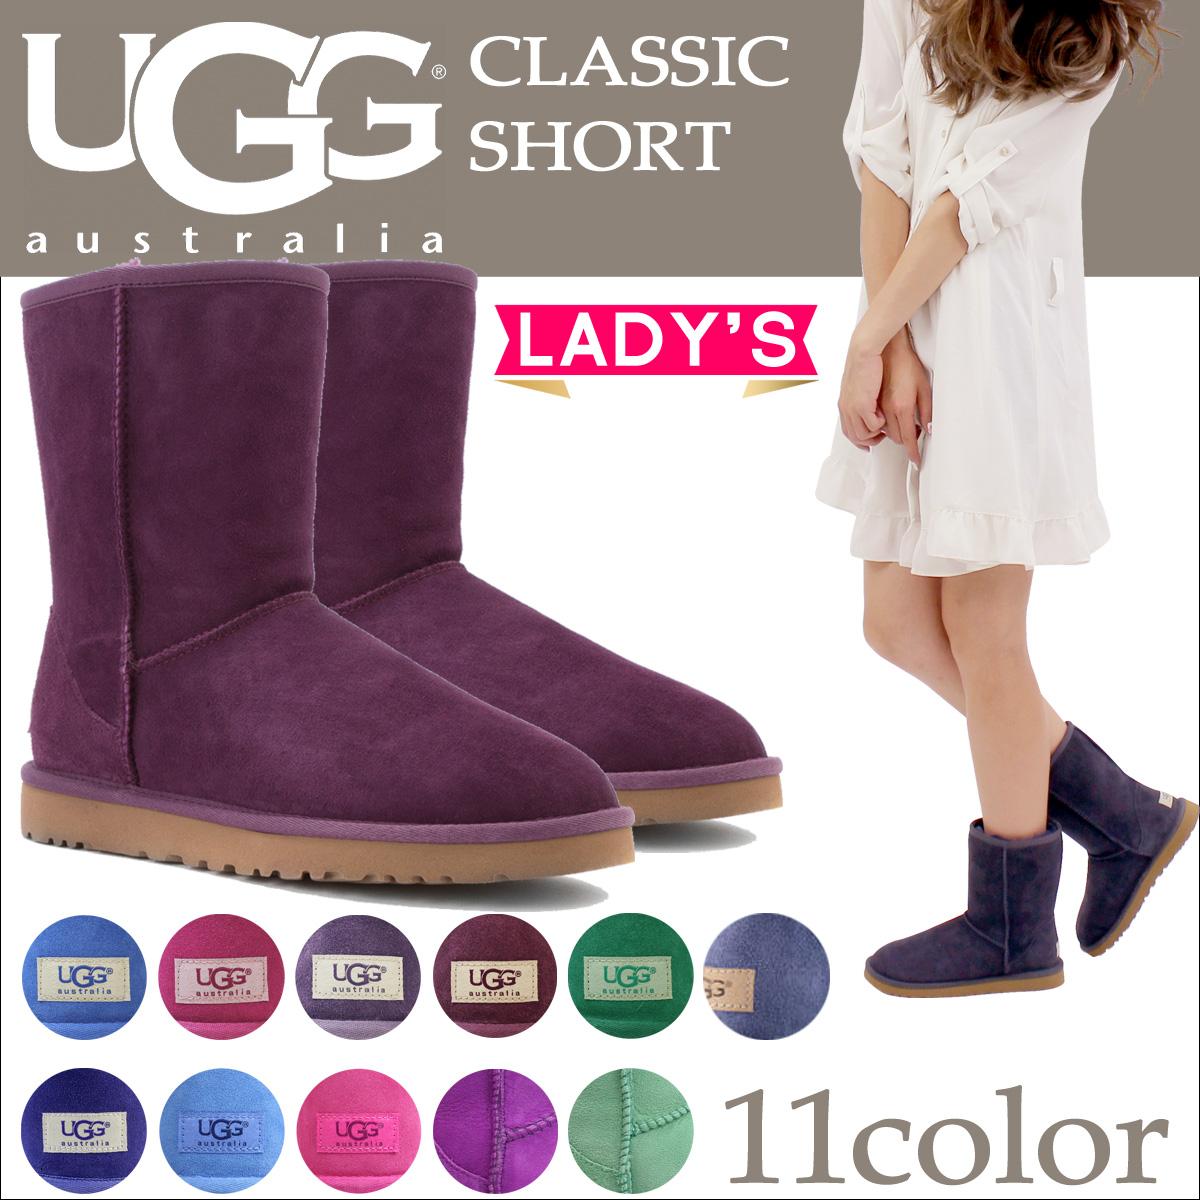 UGG Ugg Classic short Shearling boots WOMENS CLASSIC SHORT 5825 Sheepskin women's